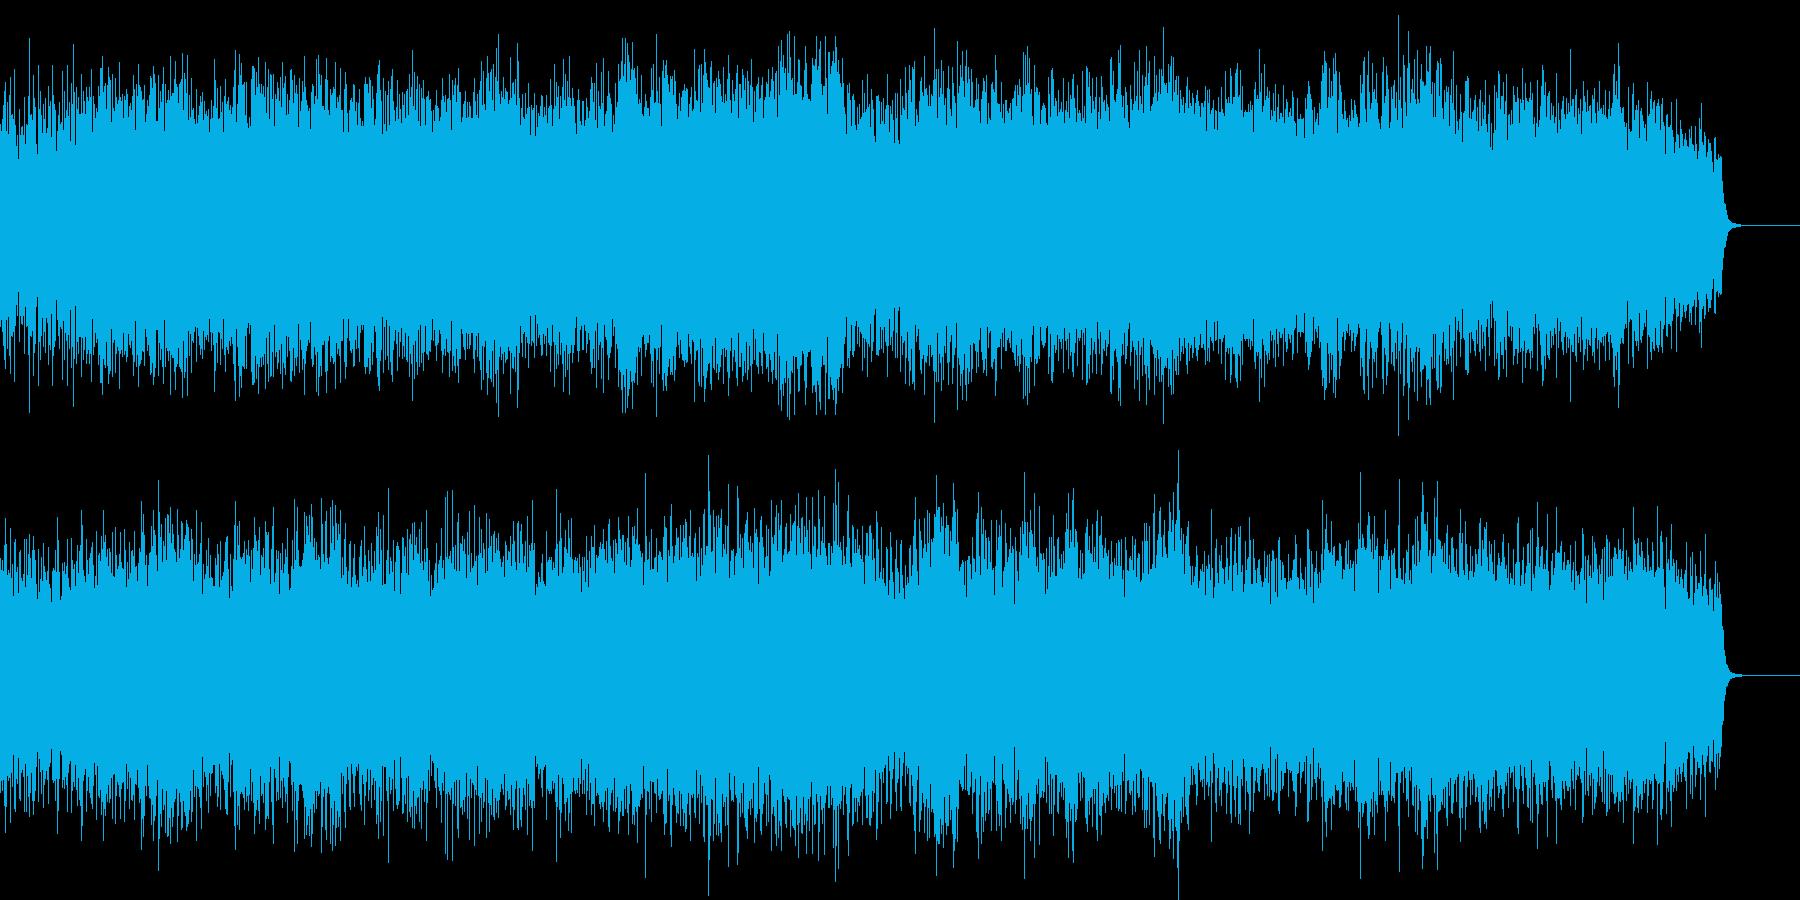 ファンタジー風オープニング オーケストラの再生済みの波形